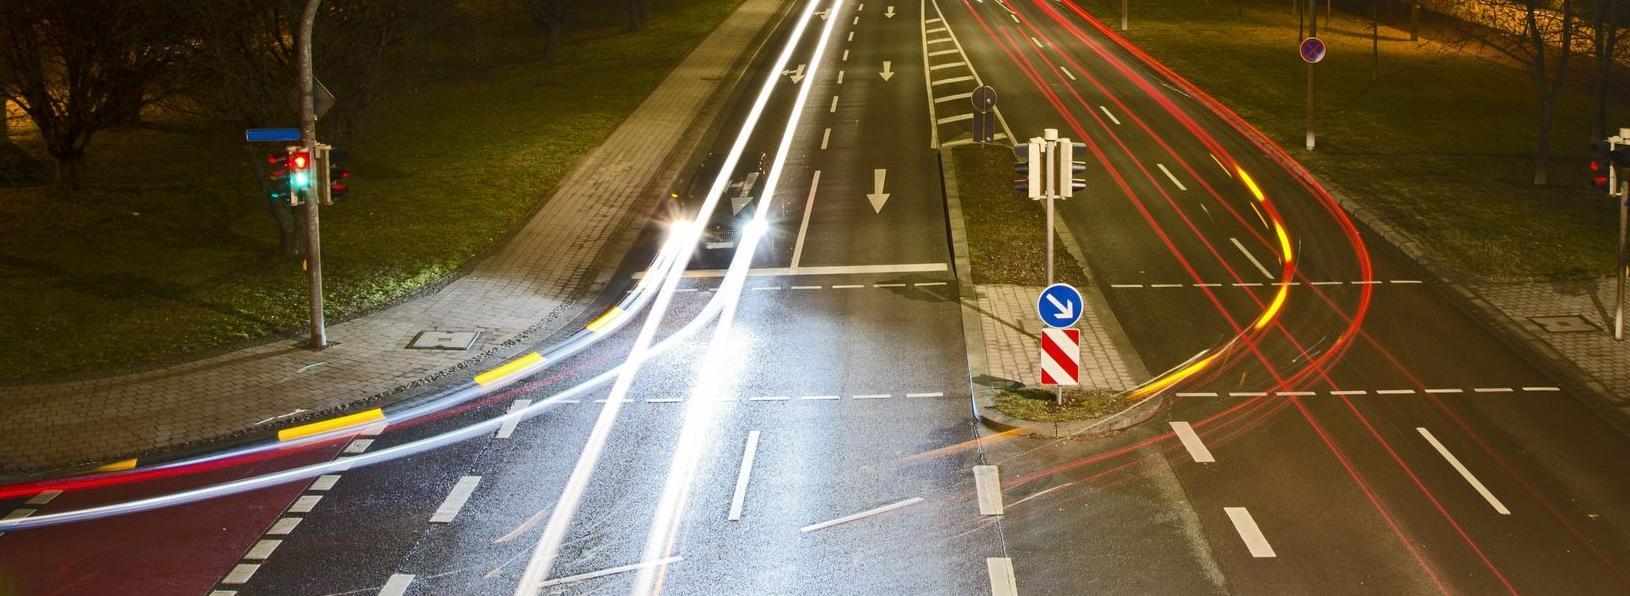 Lichter in einer Kreuzung Lichter_Kreuzung1.jpeg